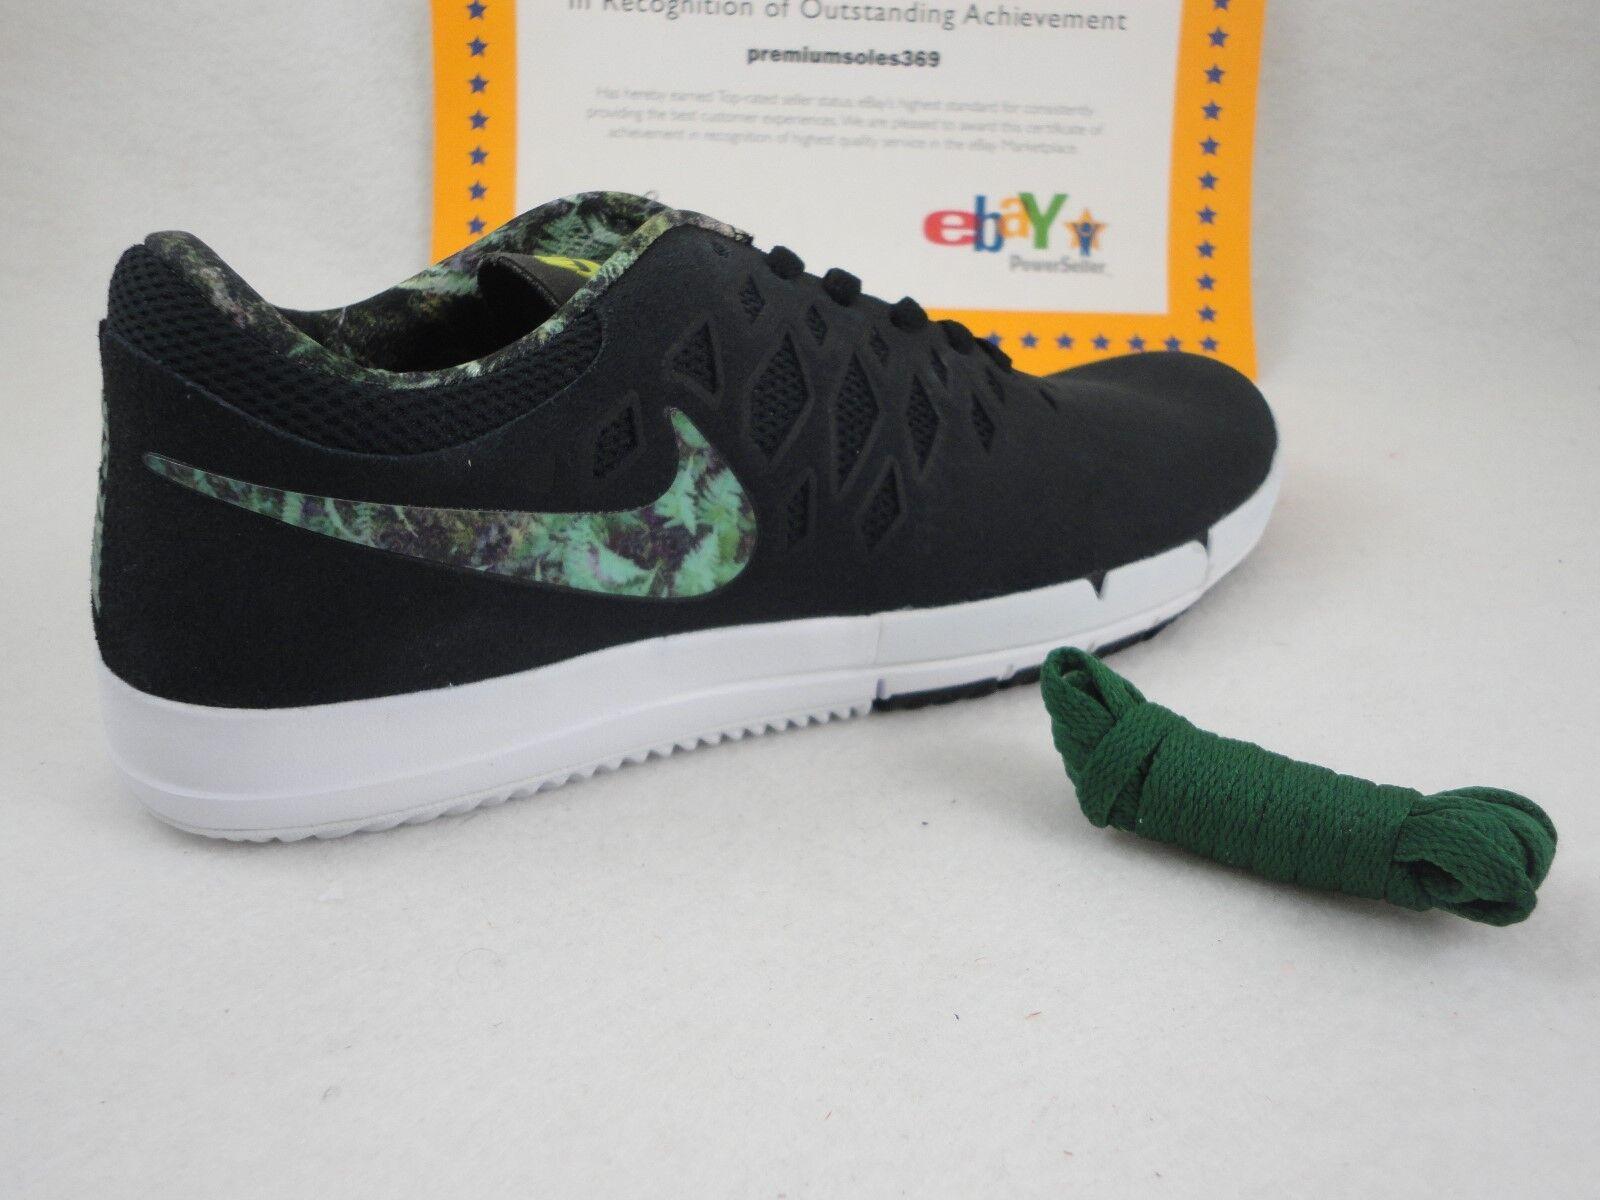 Nike free sb, schwarz / schlucht grün / weiß, größe 8